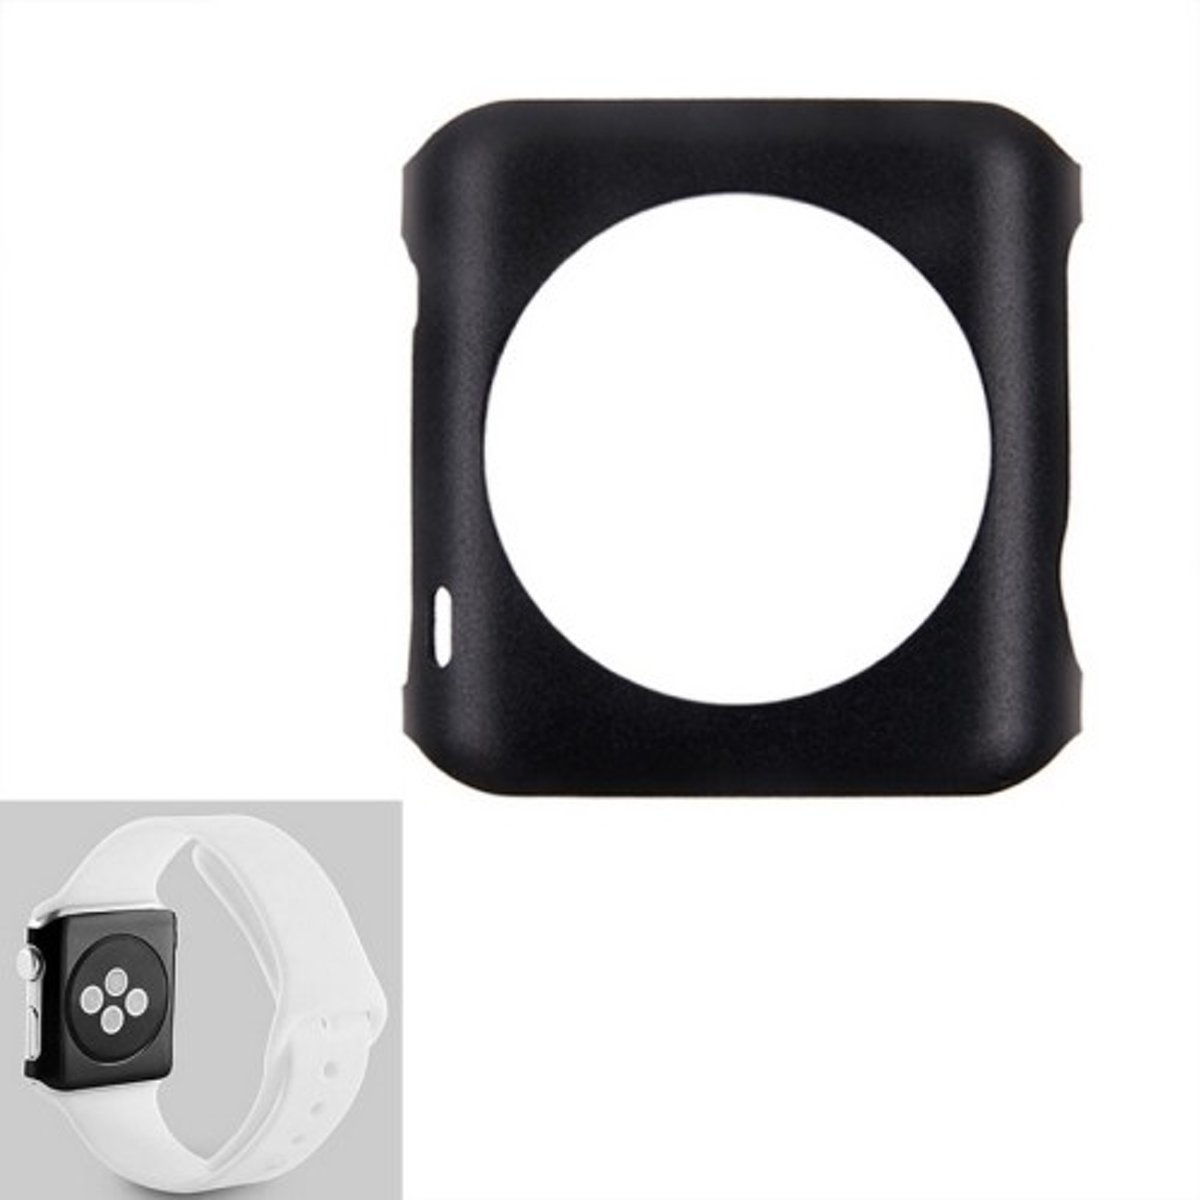 Apple Watch 38mm - hoes, cover, case -  Aluminium - Zwart kopen